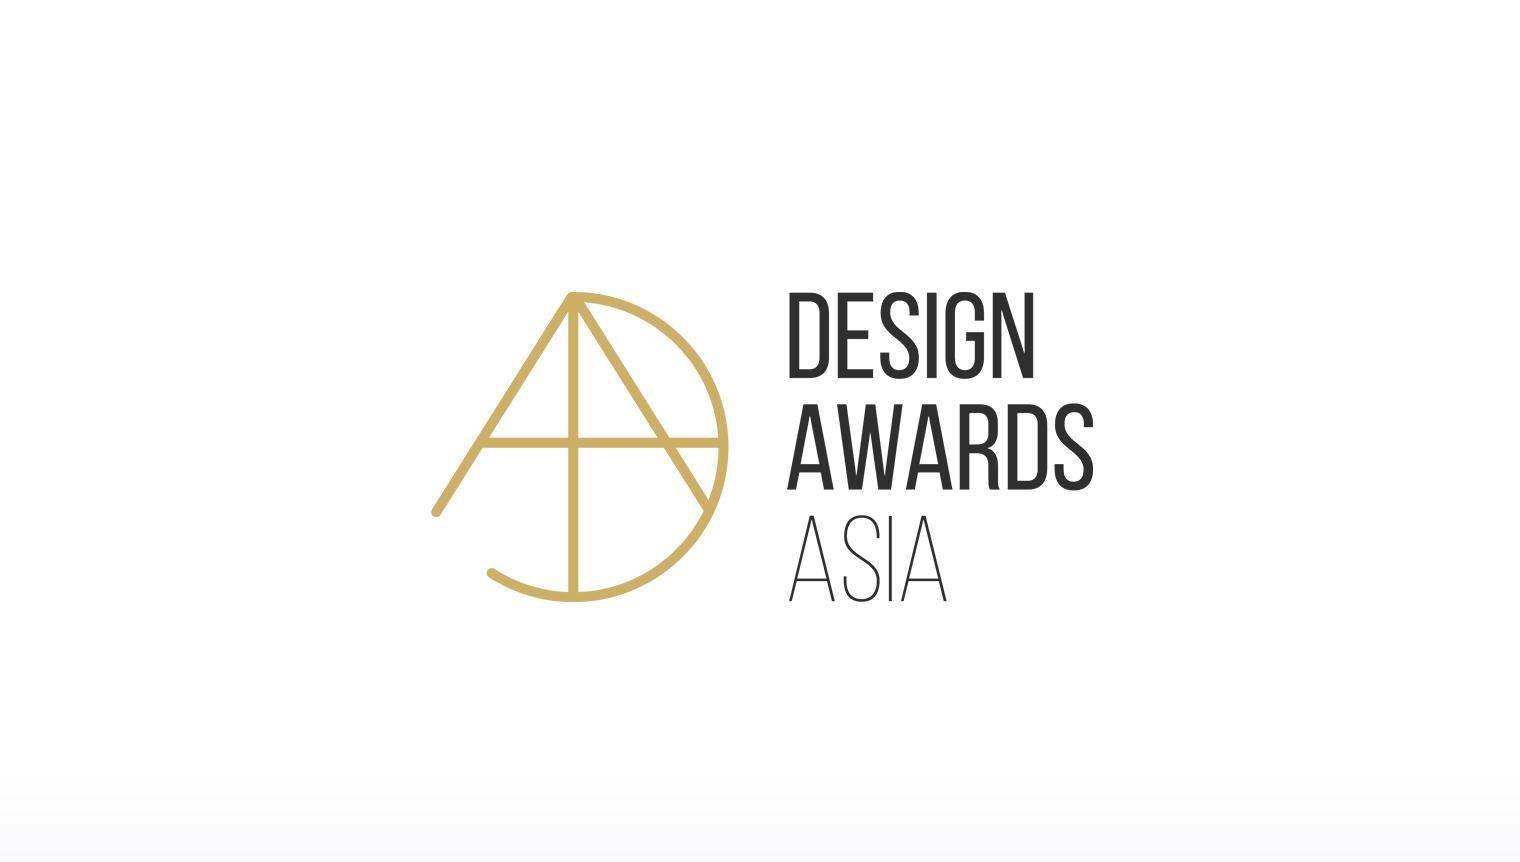 弊社制作の「BIJOUPIKO GROUP」が、『Design Awards Asia』にてDesign Of The Dayを受賞しました。